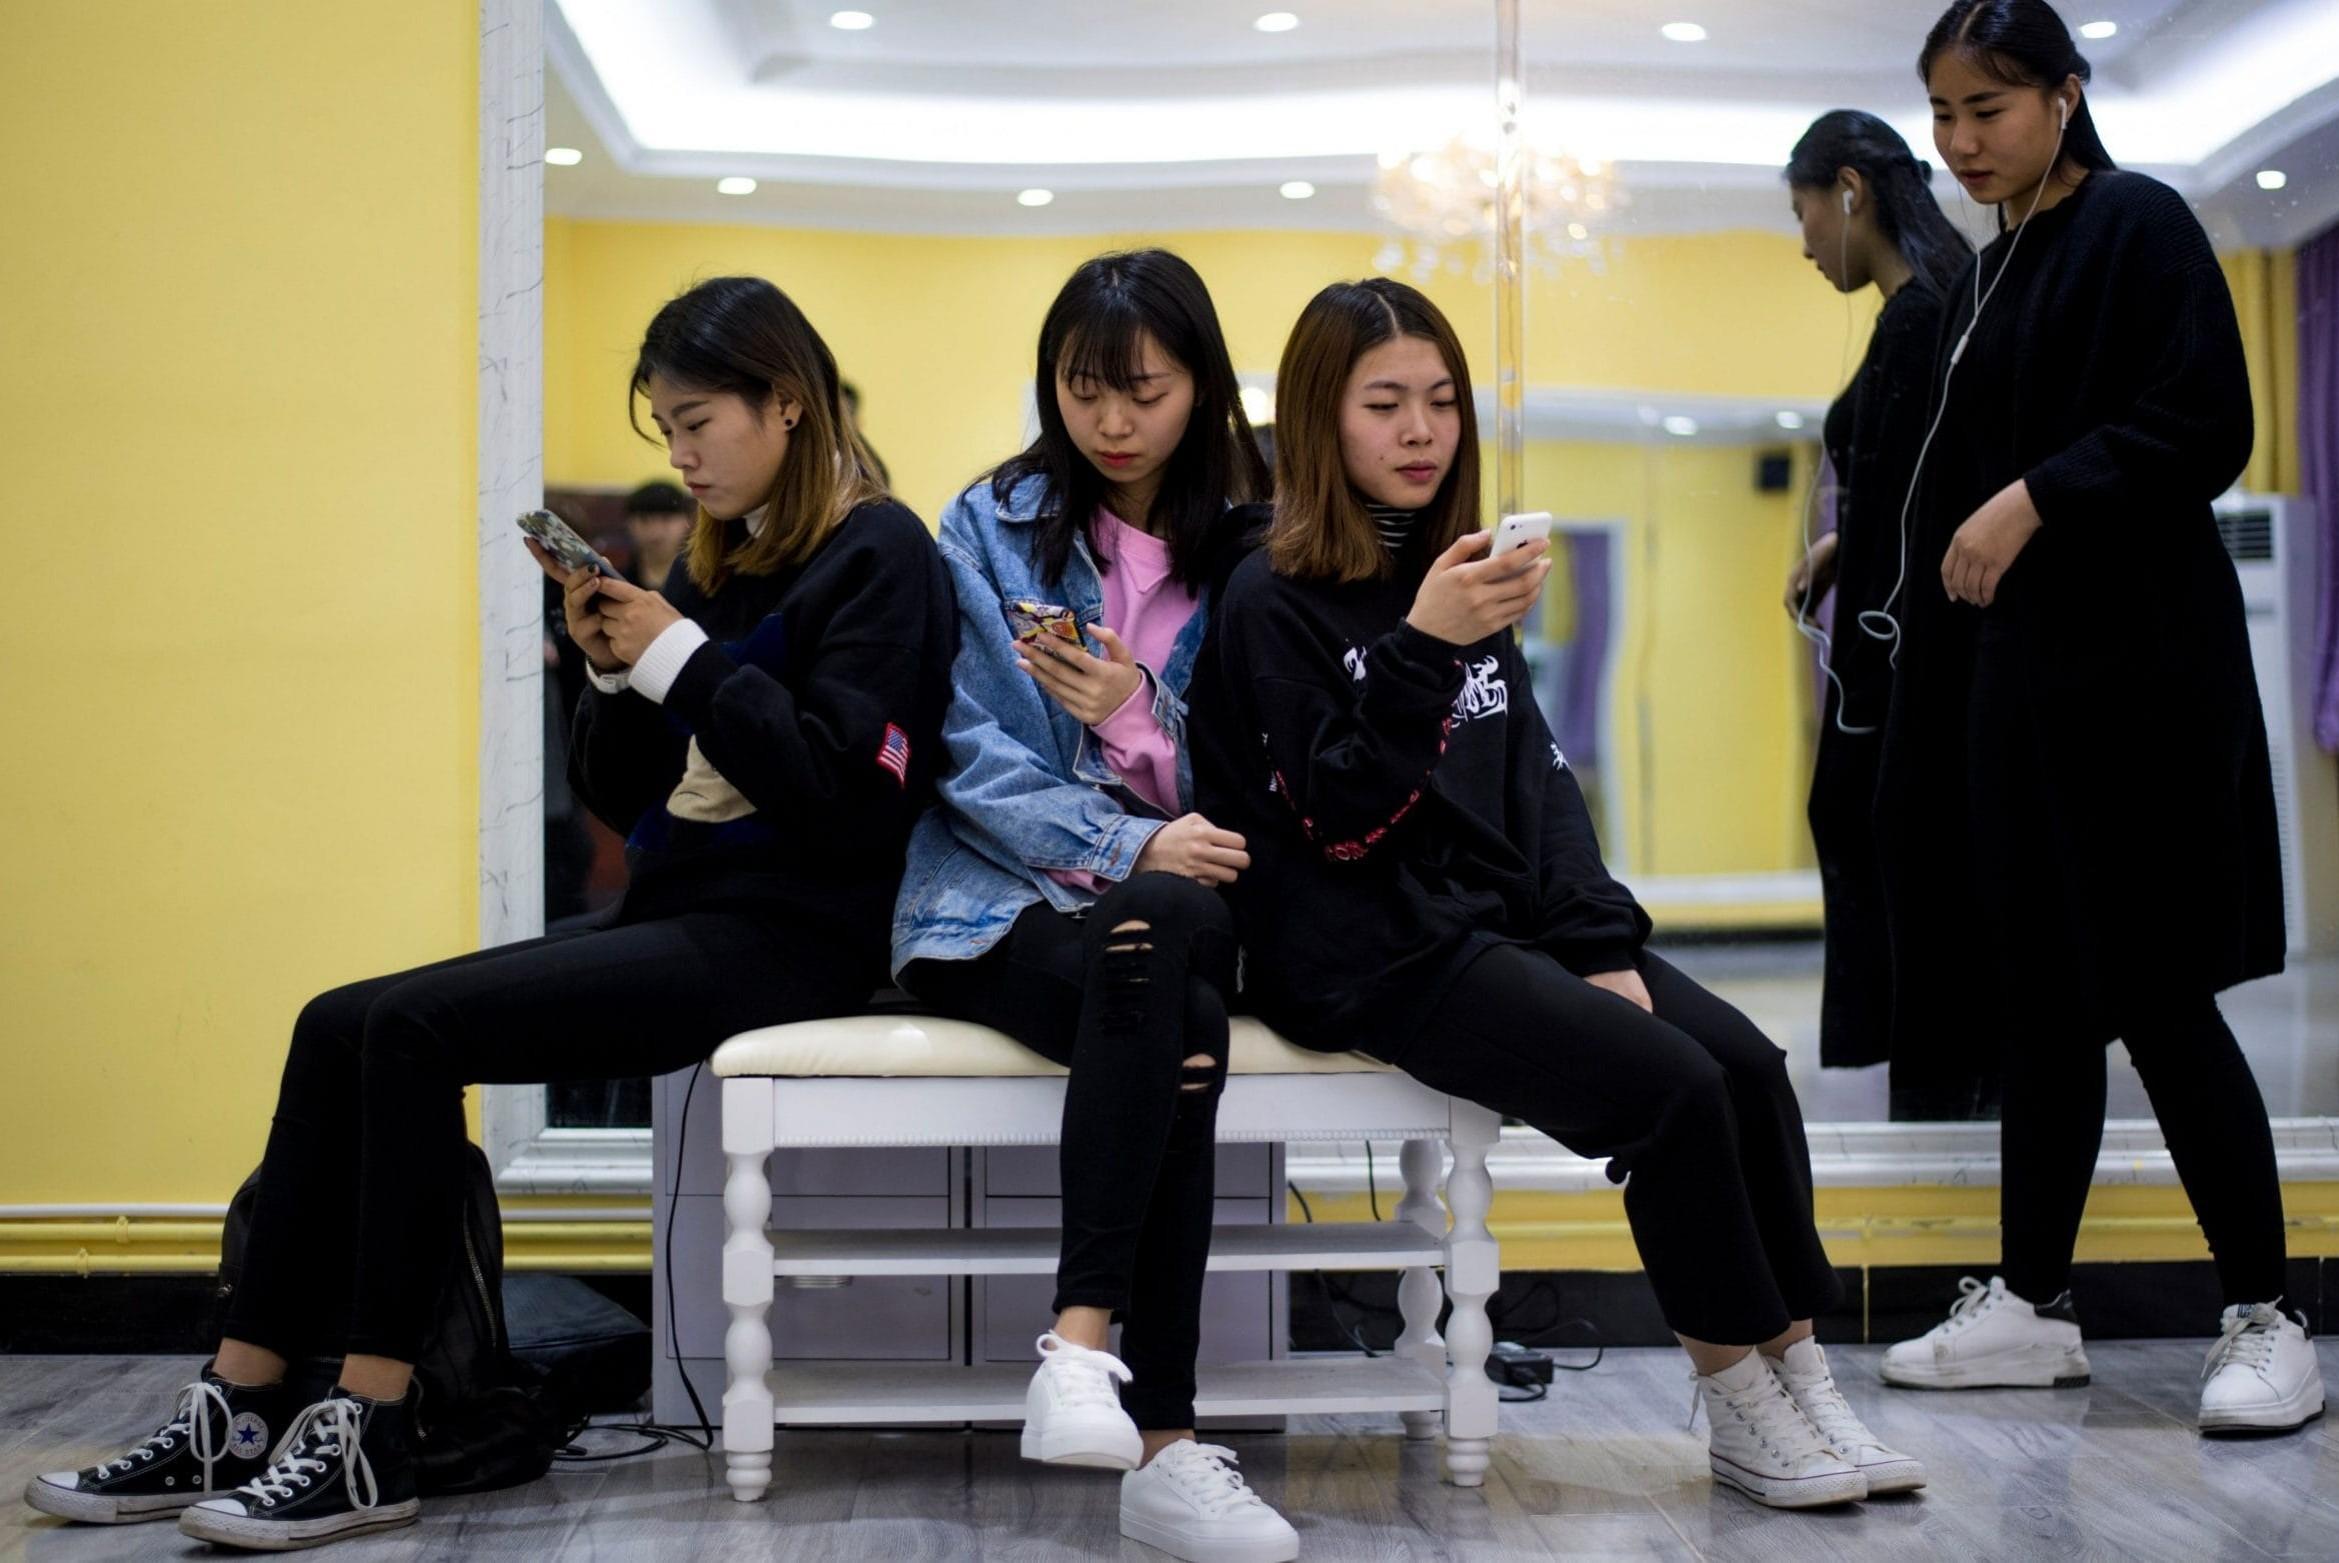 Mlade Kineskinje zamišljeno gledaju u pametne telefone (Foto: Johannes Eisele/AFP)